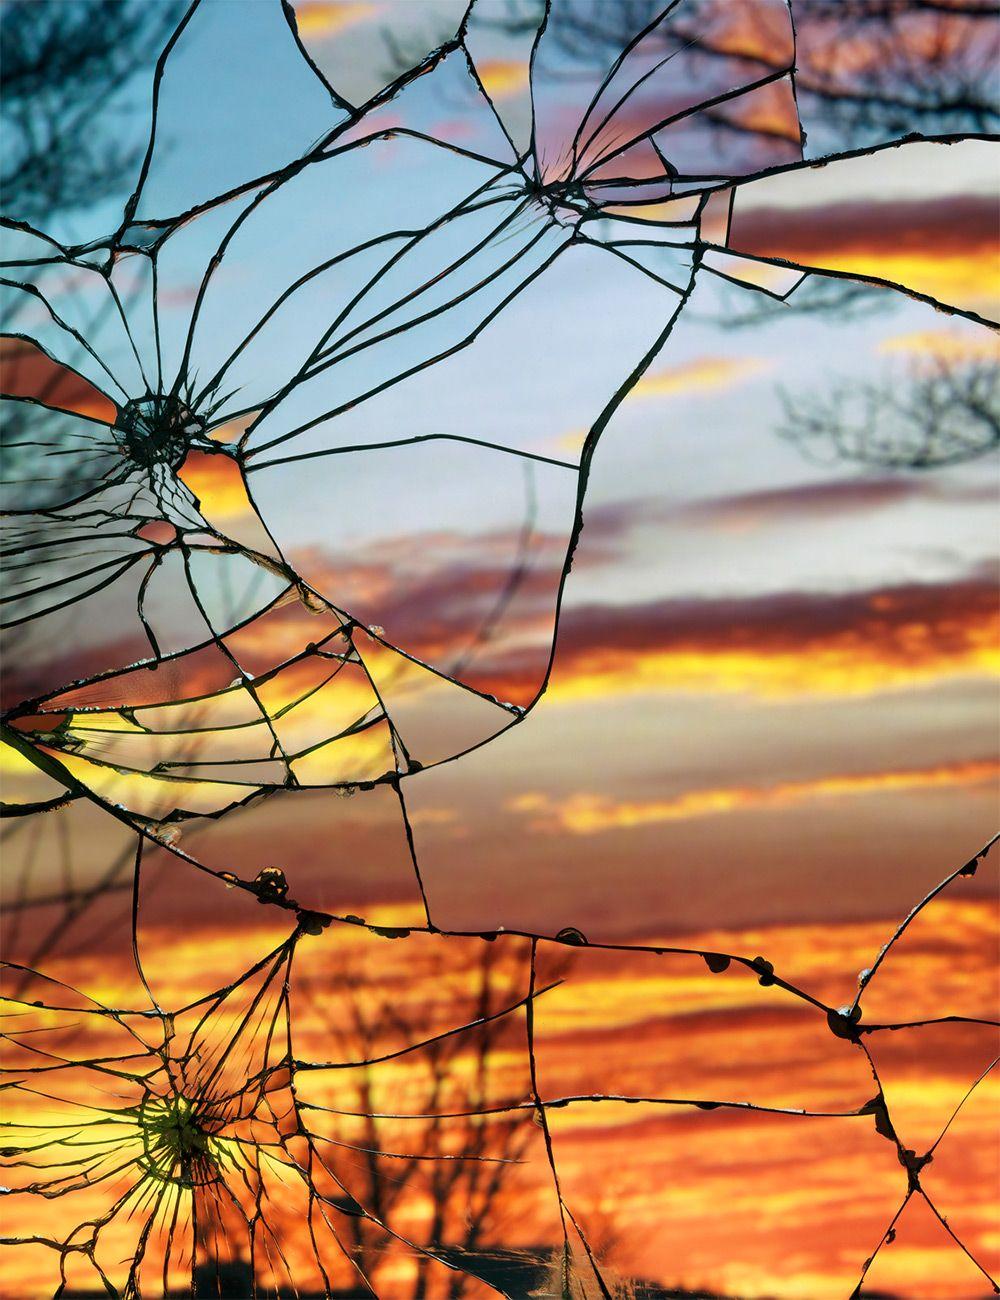 A través del espejo roto. Fotos de puestas de sol reflejados a través de espejos rotos. Por Bing Wright.